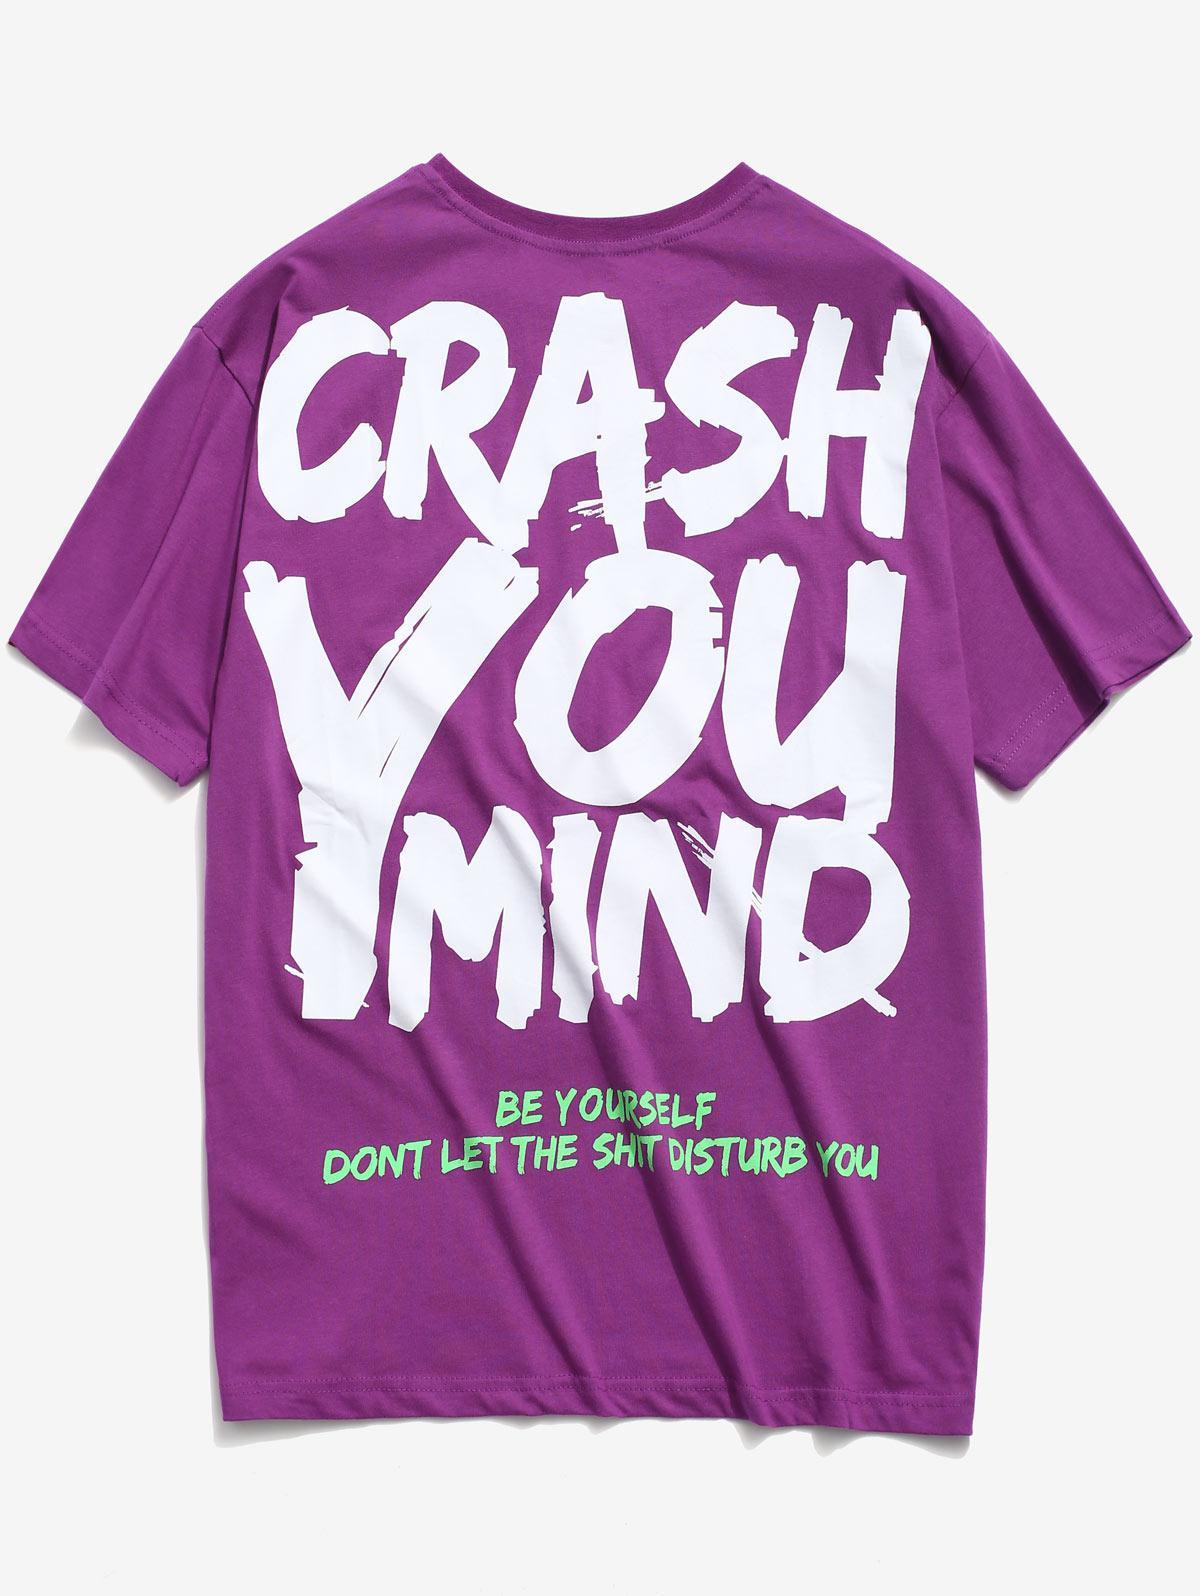 Graffiti Letter Print T-shirt, Purple